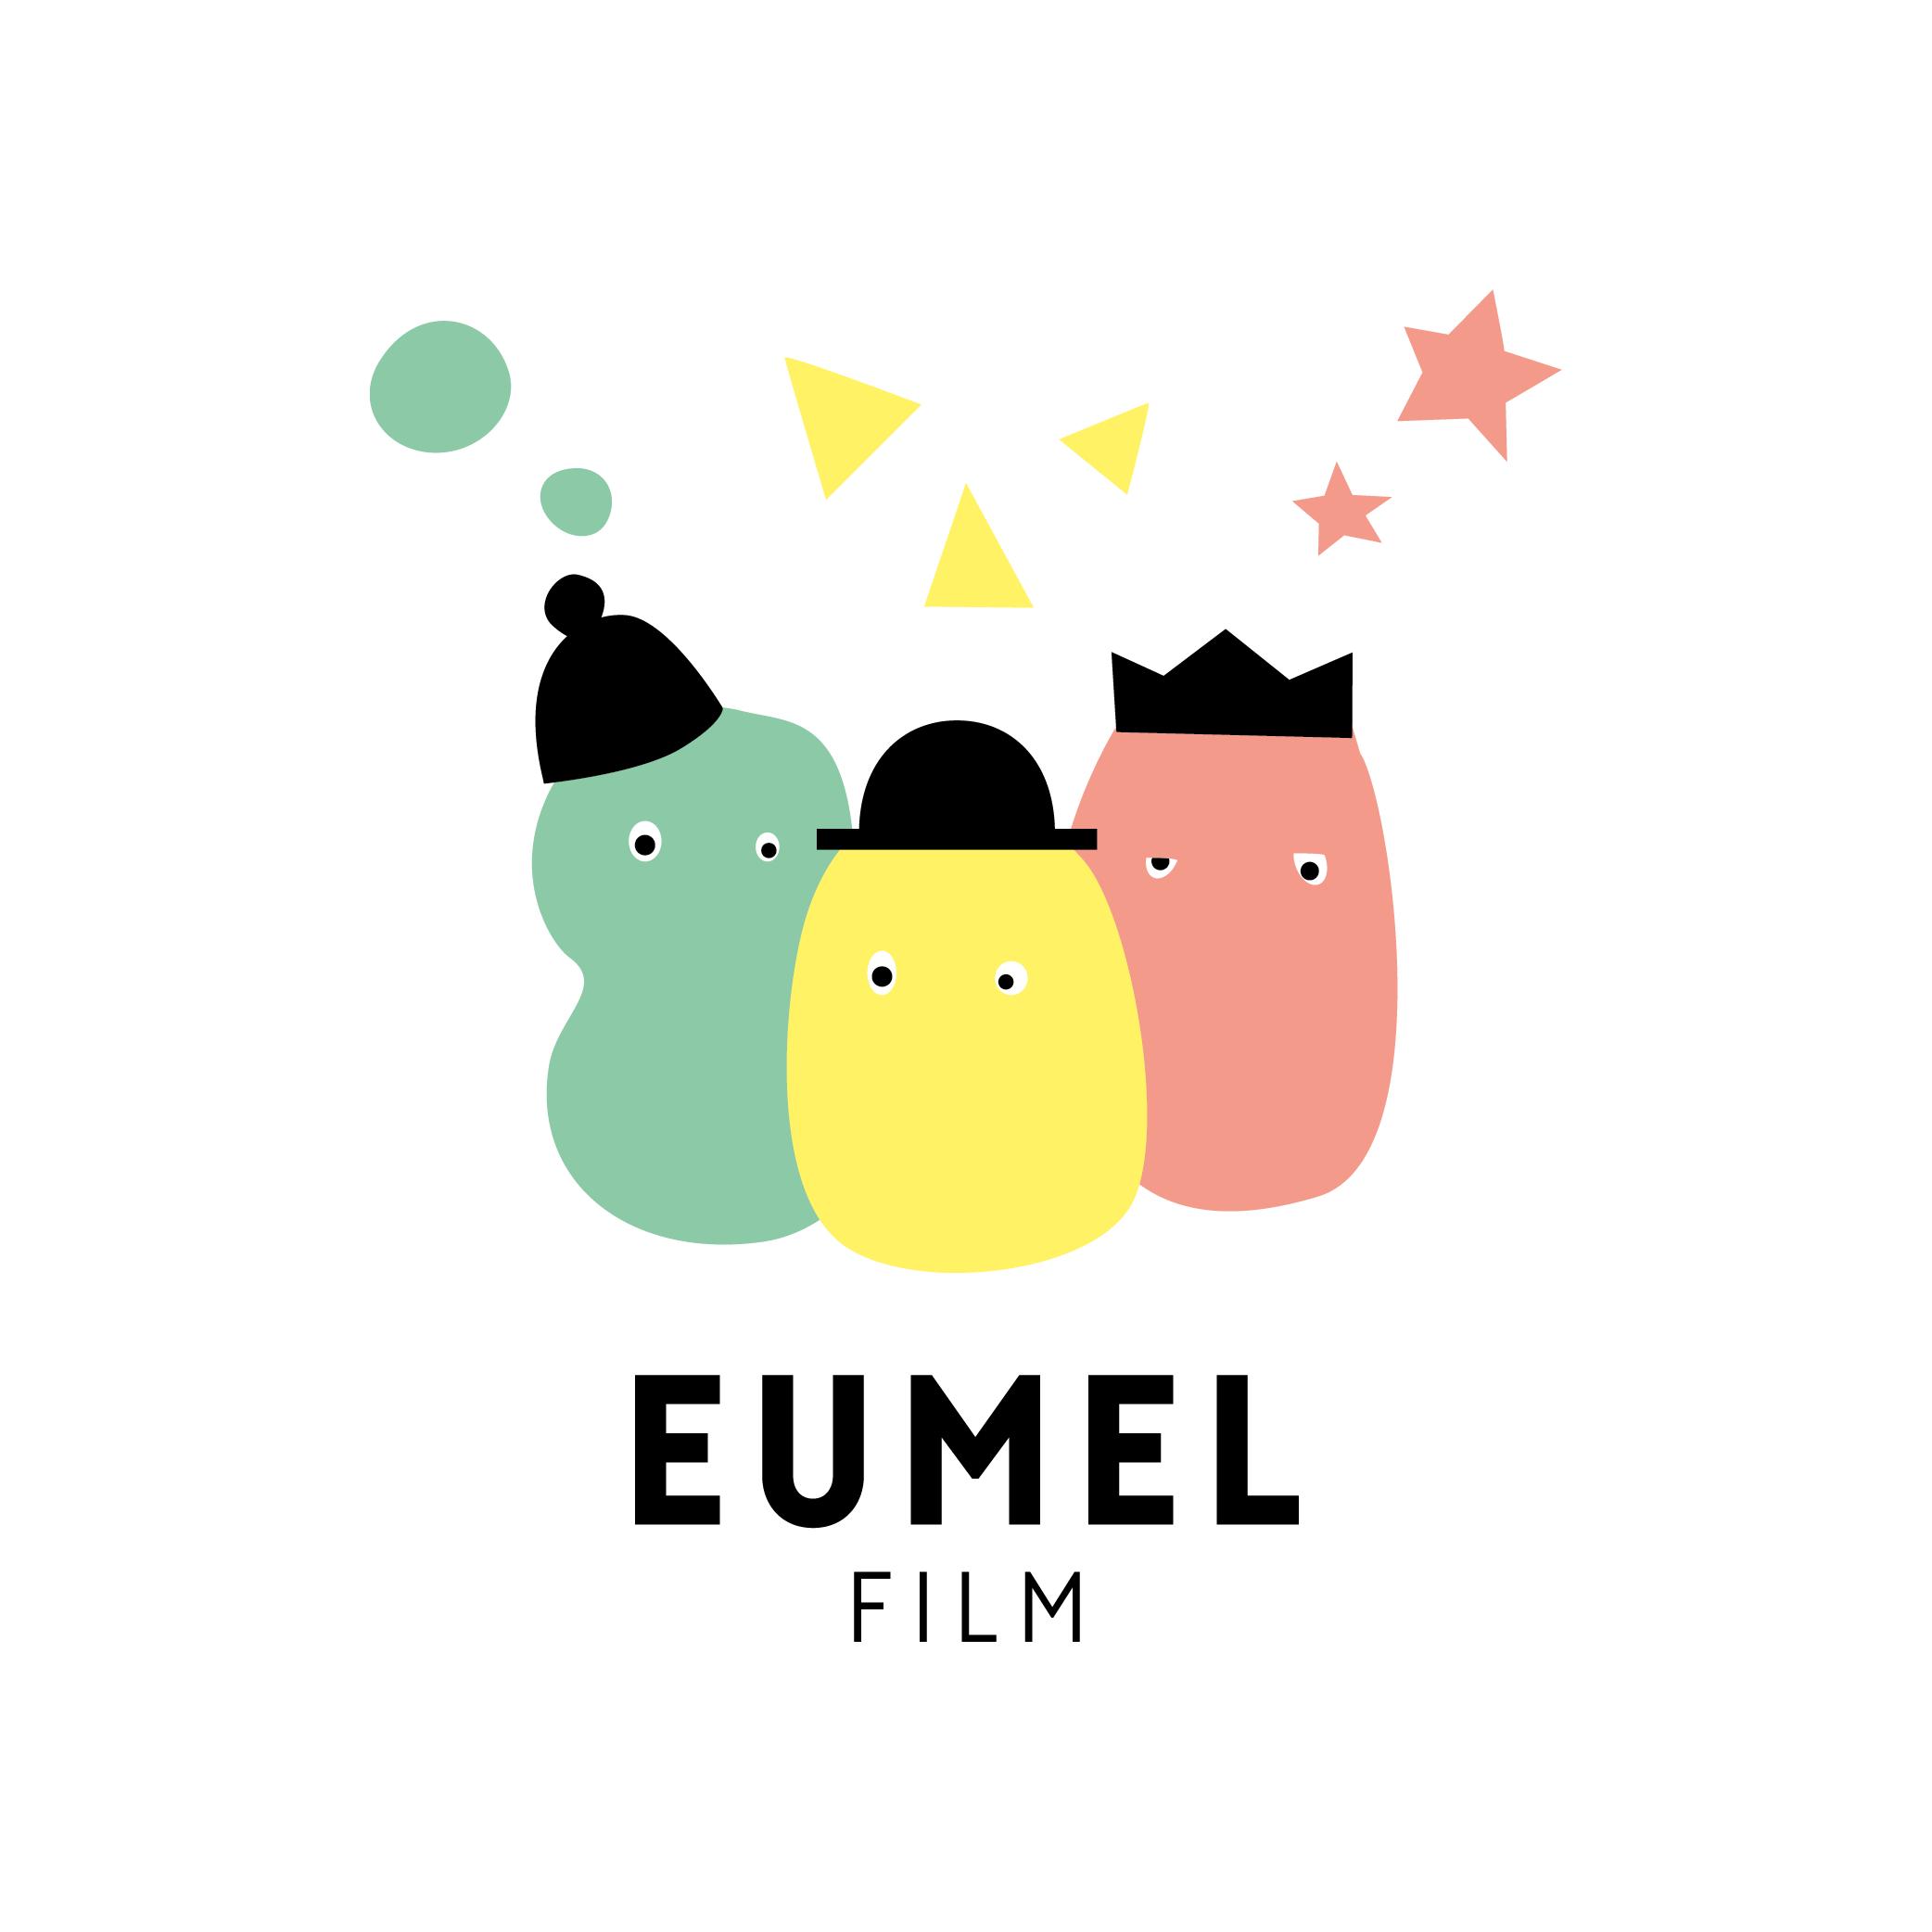 Eumel Film